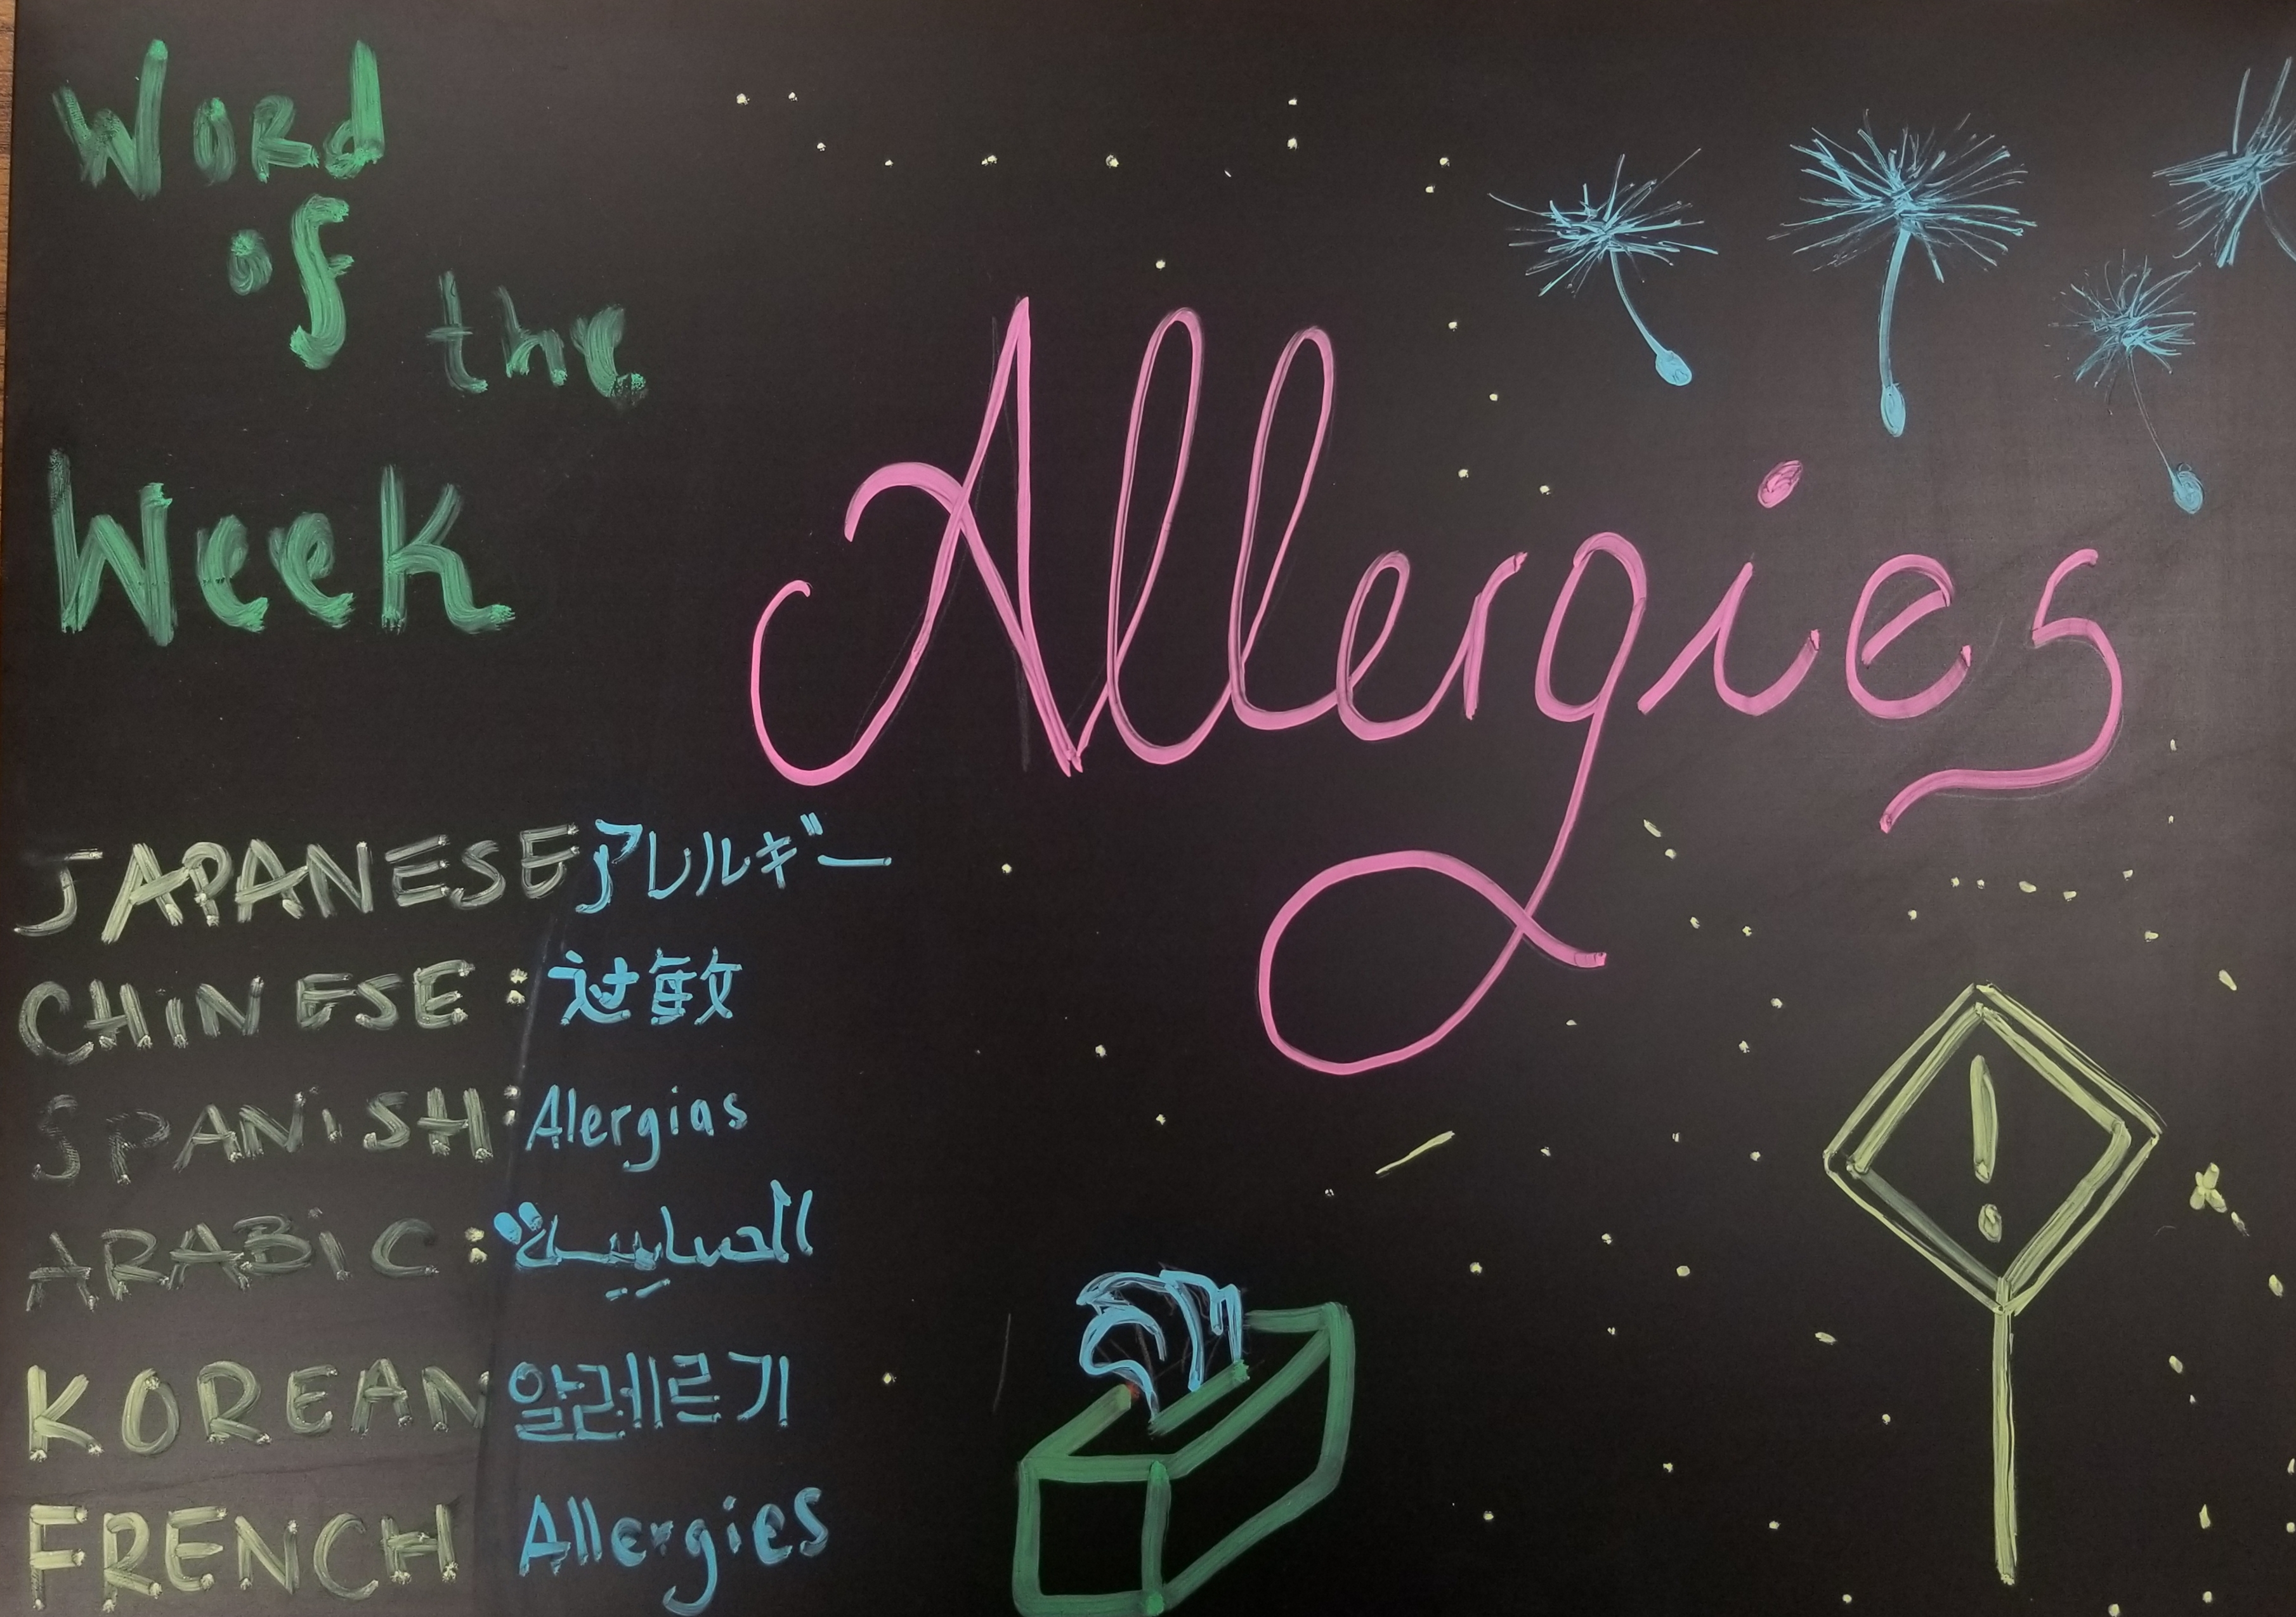 Word of the week, Allergies